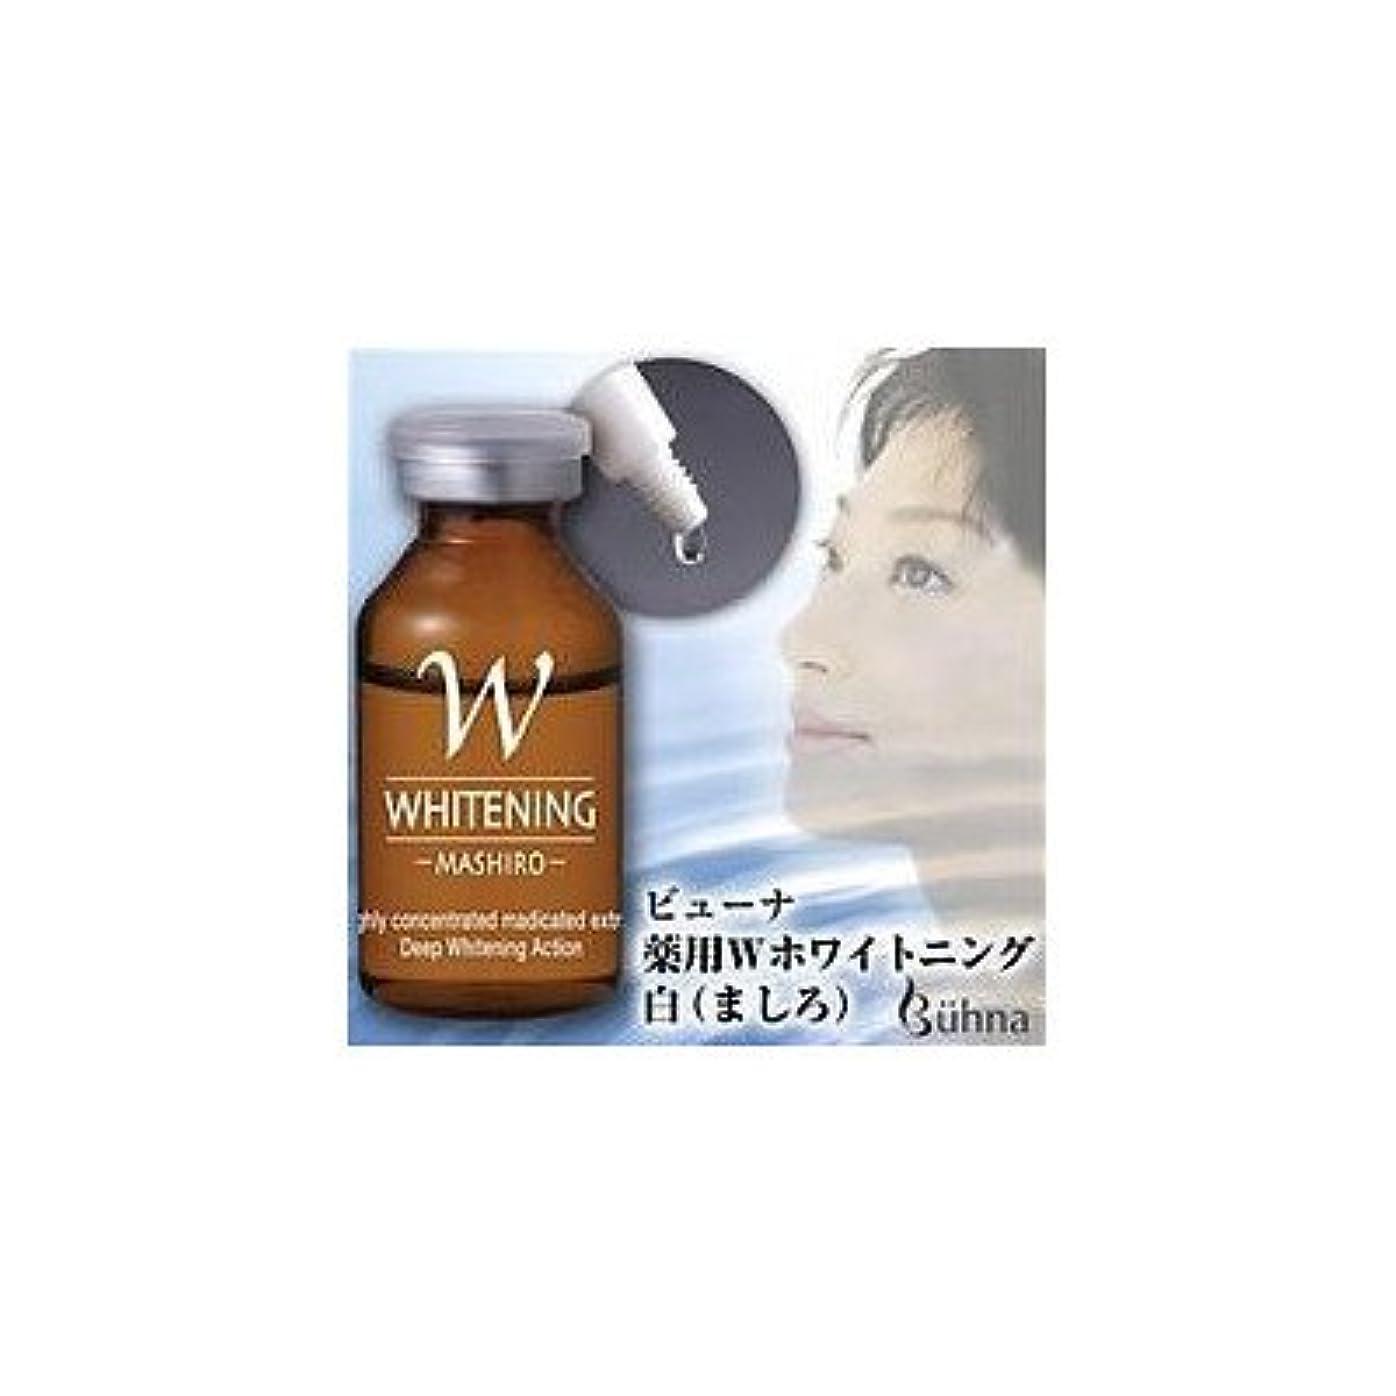 エクスタシー苦行お手入れ翌朝の肌で感じる美肌力 ビューナ 薬用Wホワイトニング 白